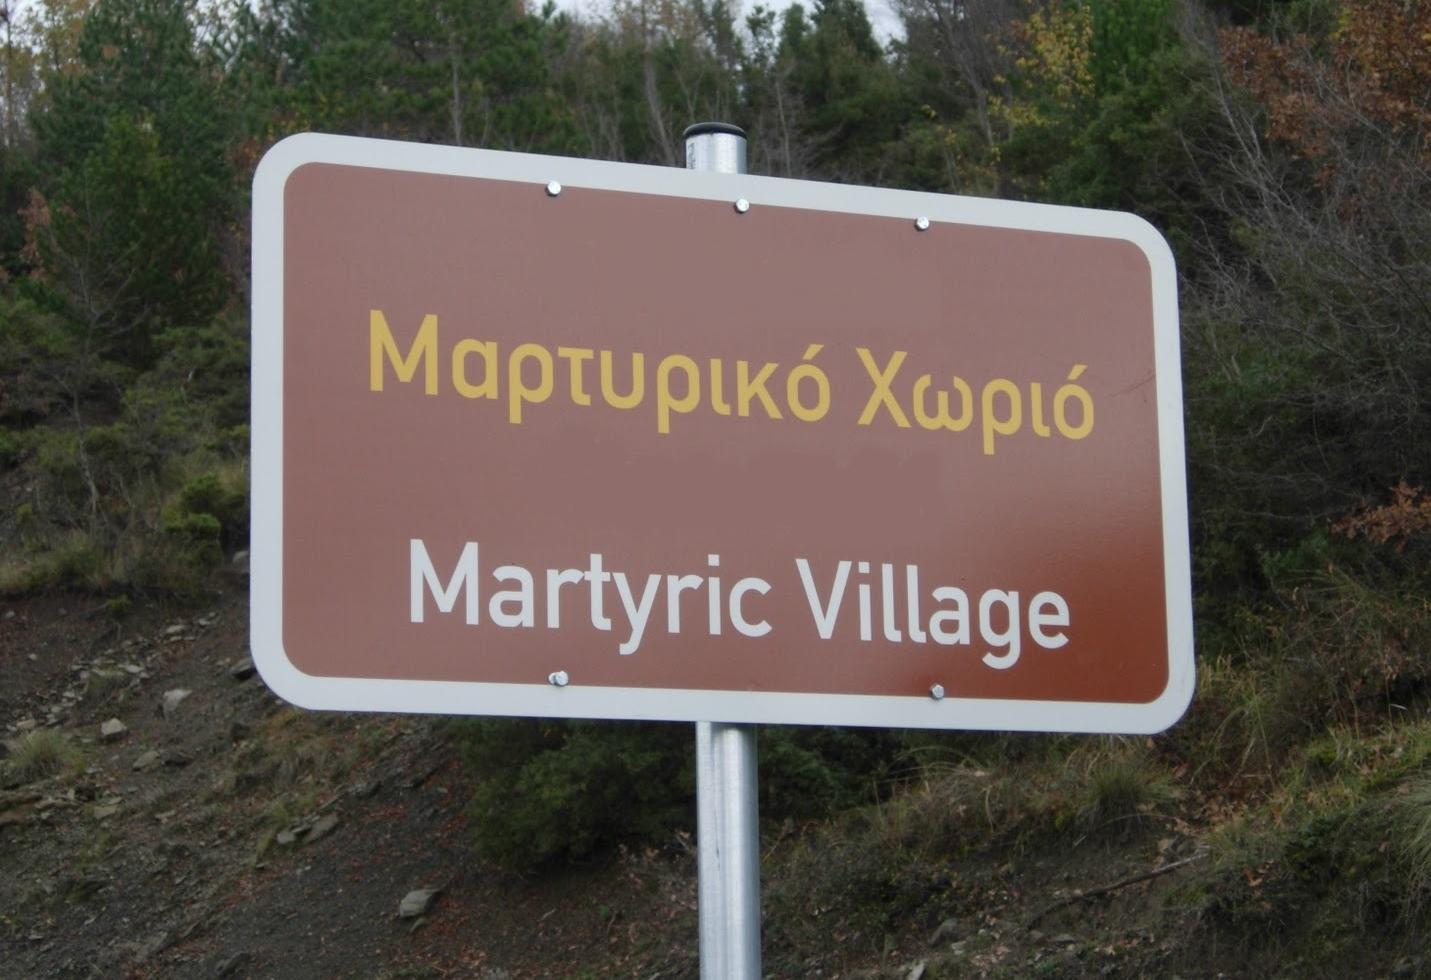 Κωσταραζι ΚΑΣΤΟΡΙΑΣ - Μαρτυρικο χωριο